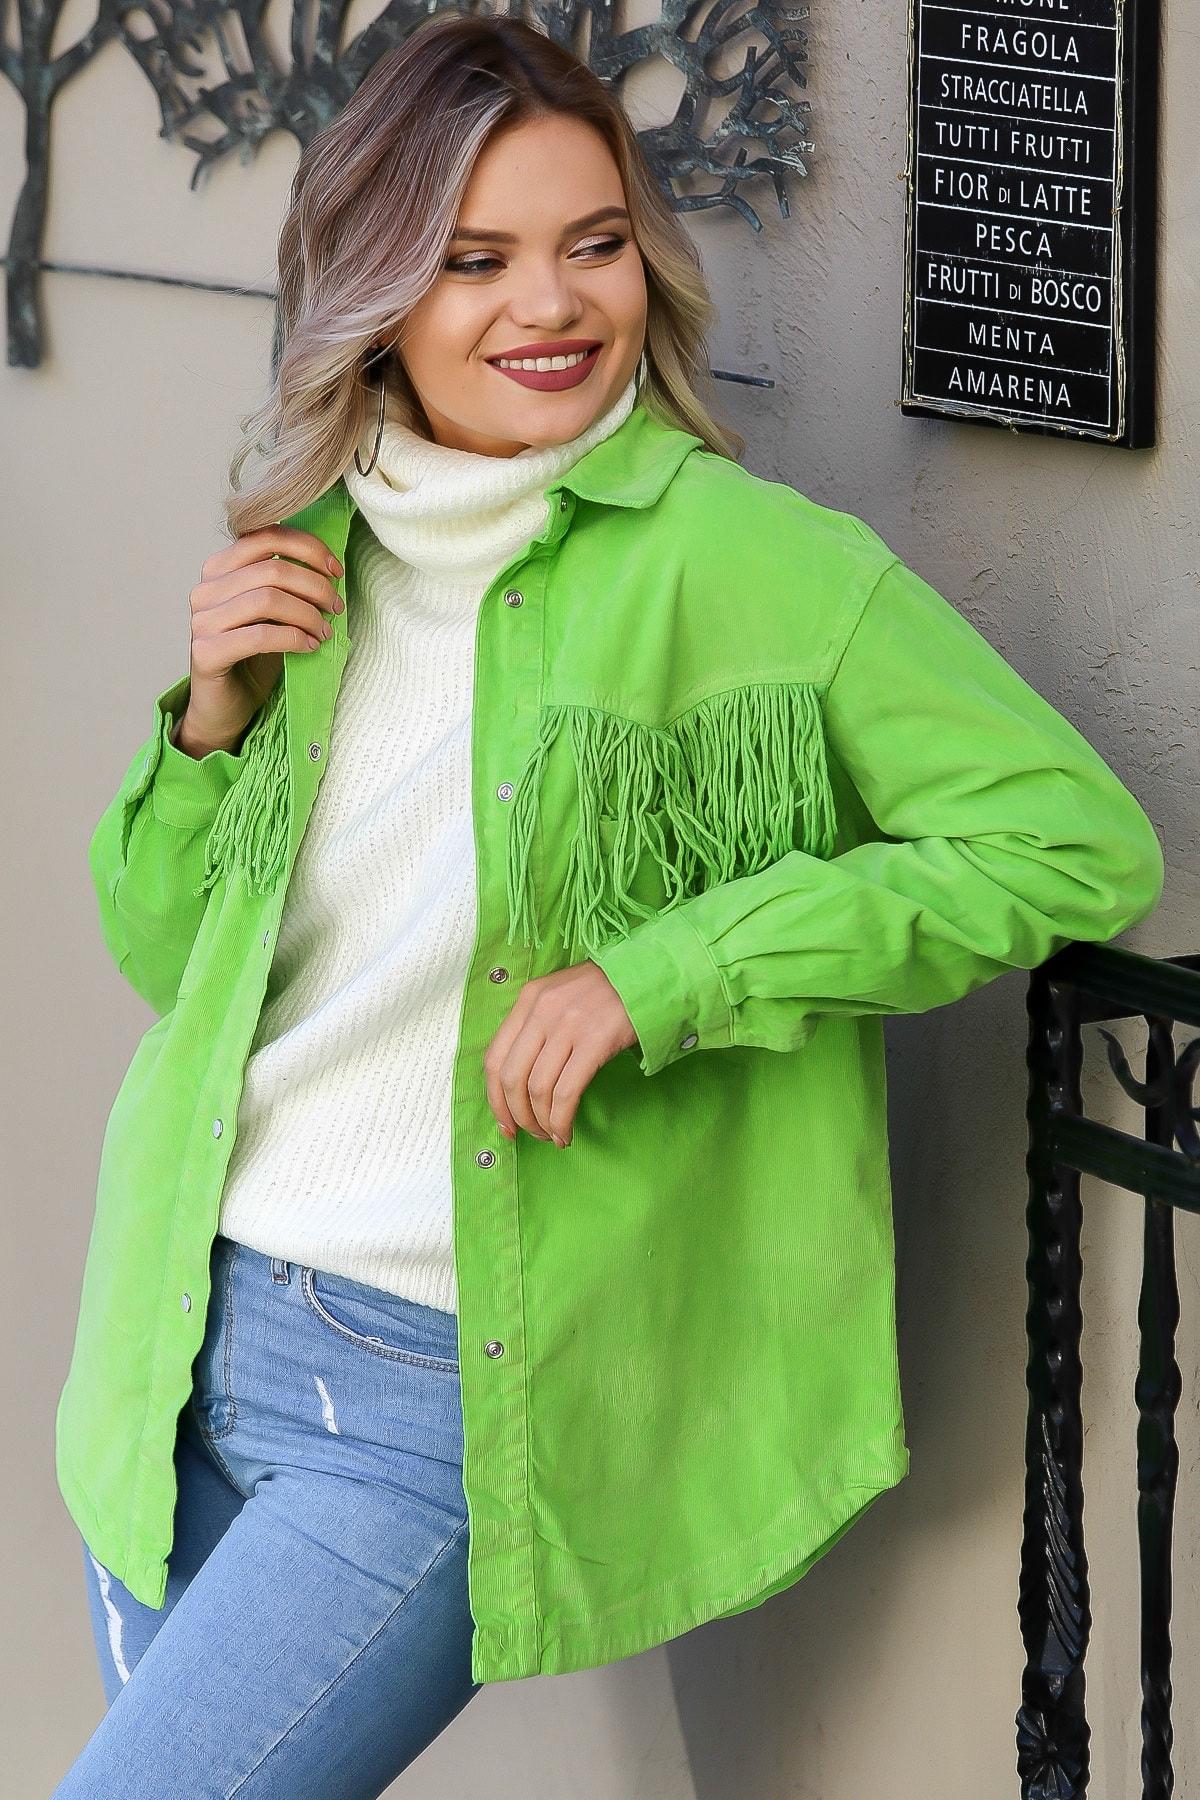 Chiccy Kadın Neon Yeşil Dev Saçaklı Cepli Salaş Kadife Gömlek Ceket M10210100CE99173